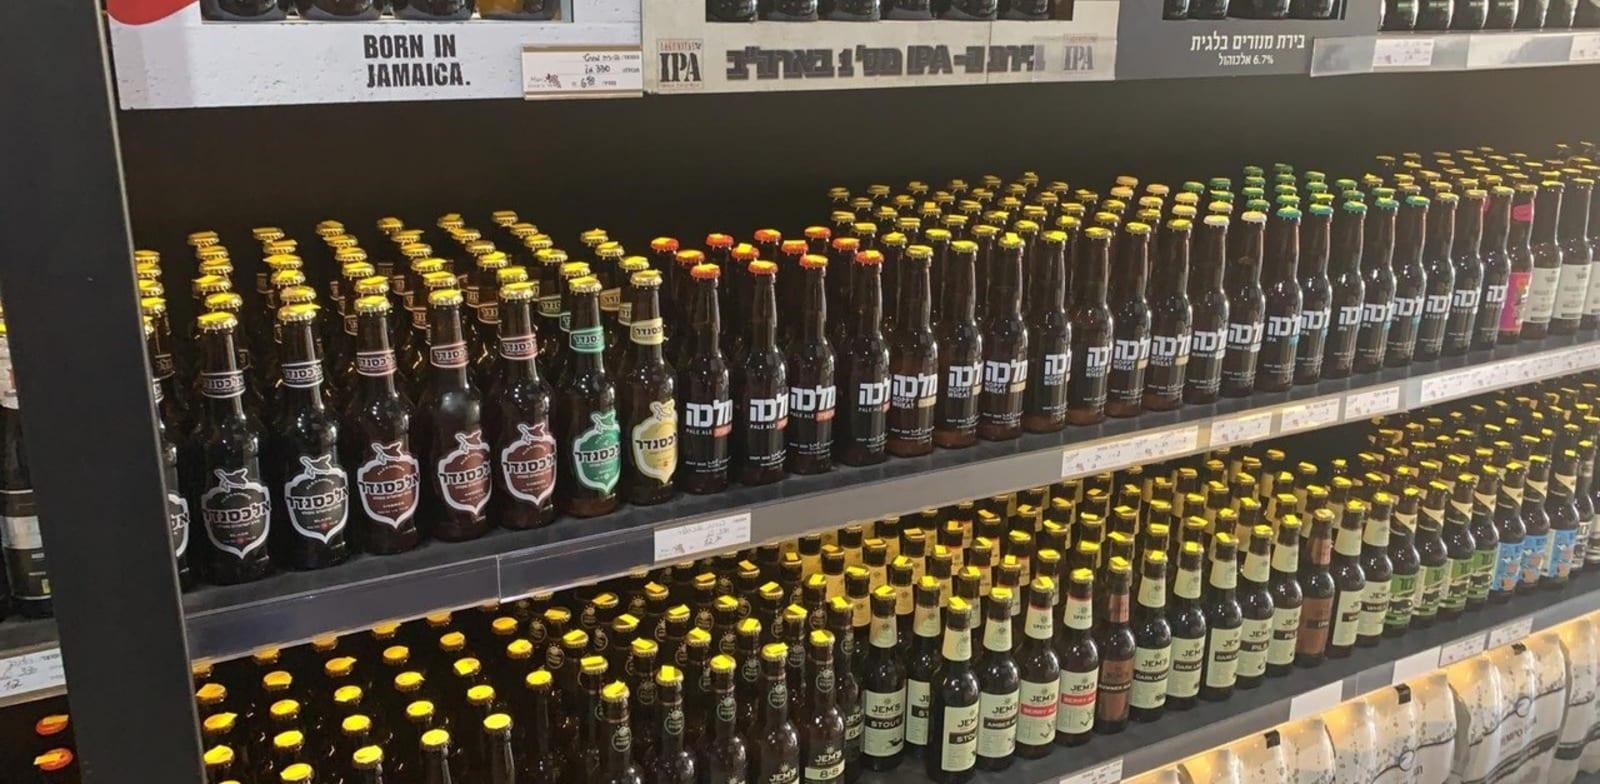 יקבי כרמל נכנסת לתחום הבירה / צילום: משה כהן